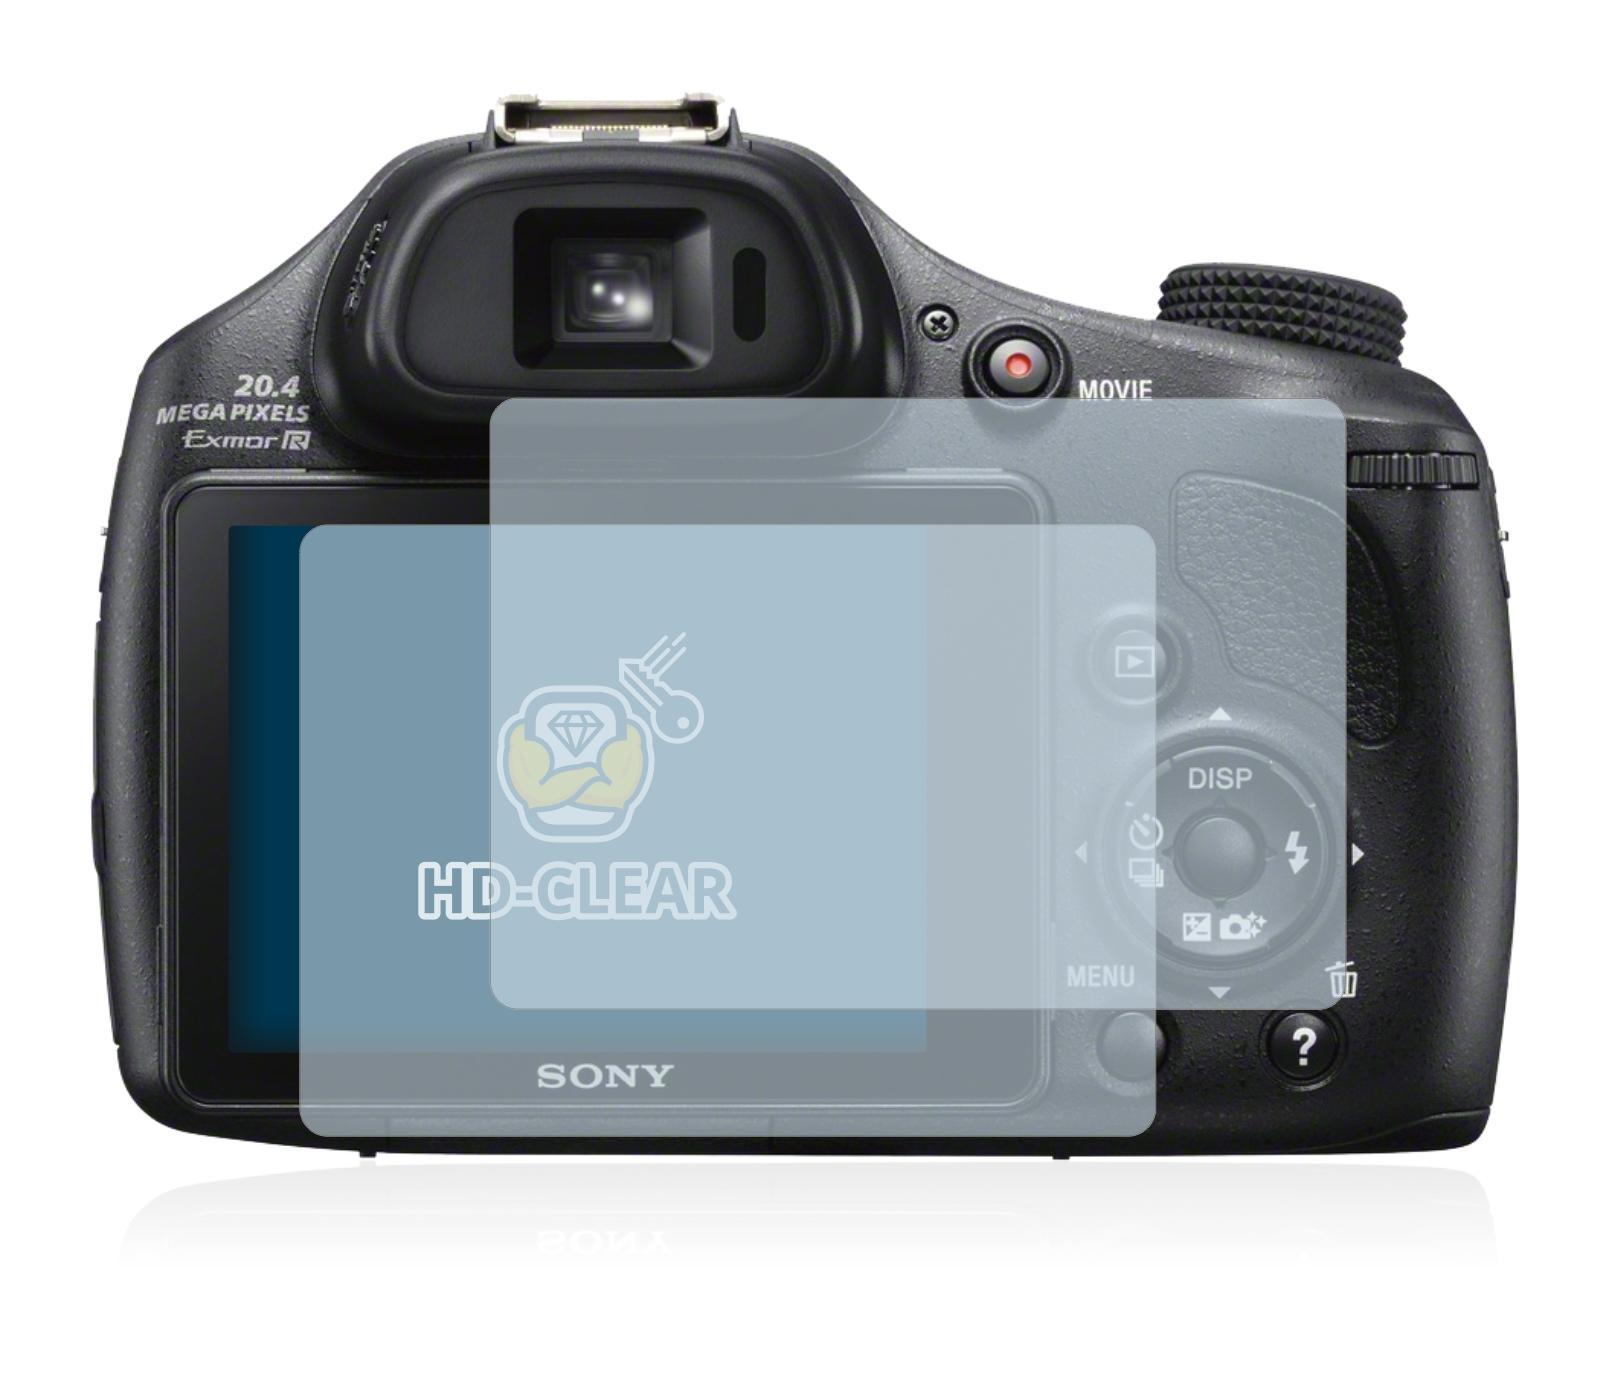 Lámina para Sony Cyber-shot dsc-hx60 entspiegelungs láminas protectoras de pantalla mate